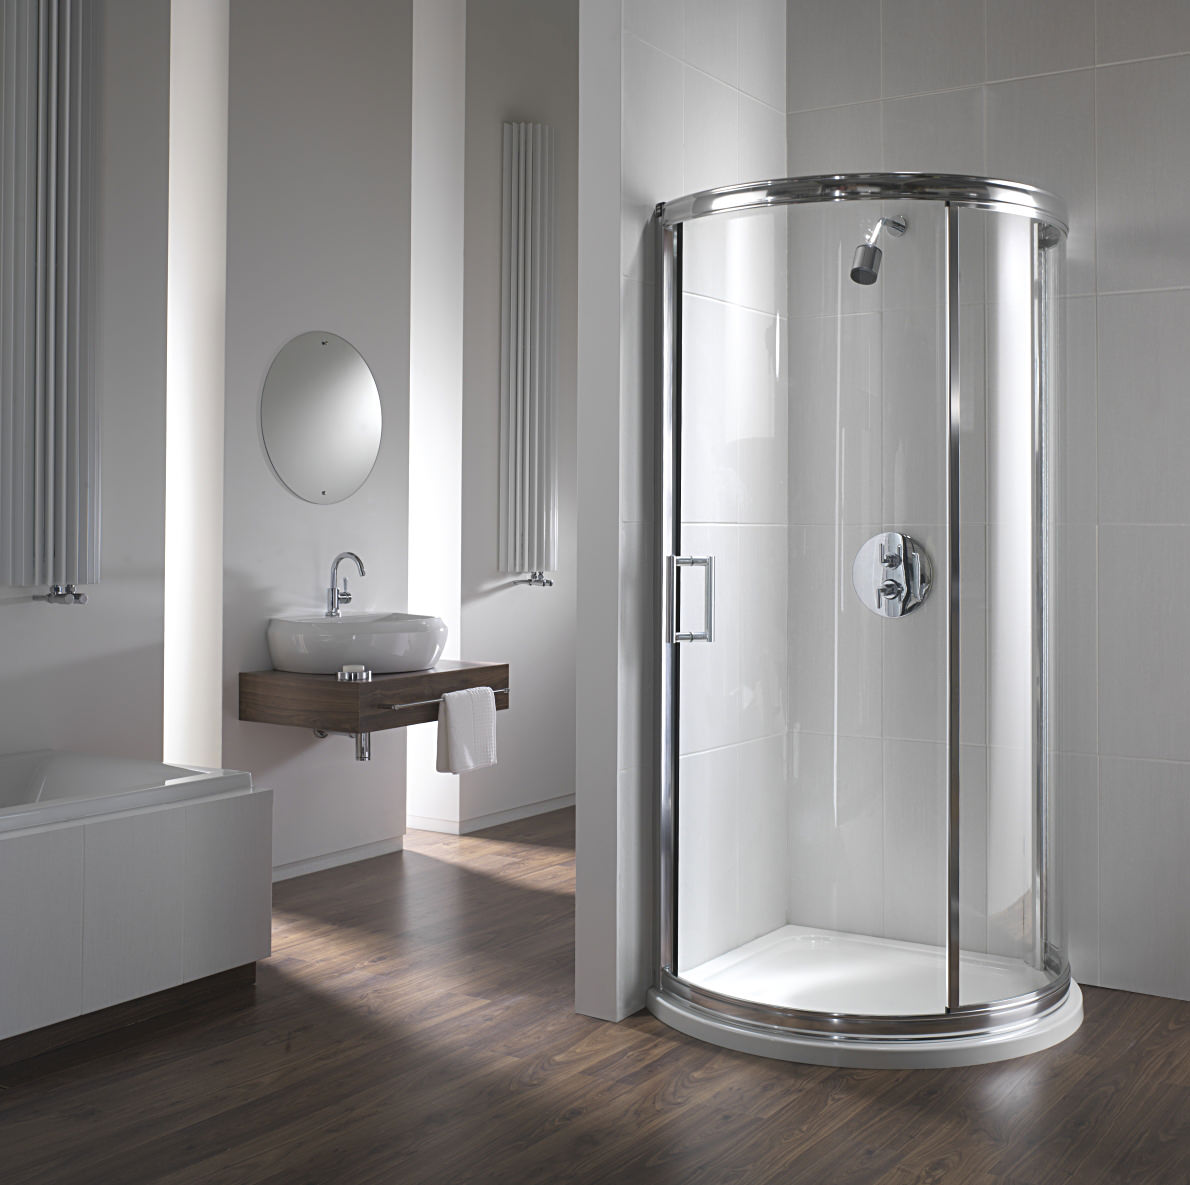 Twyford Hydr8 780mm Bow Quadrant Shower Enclosure